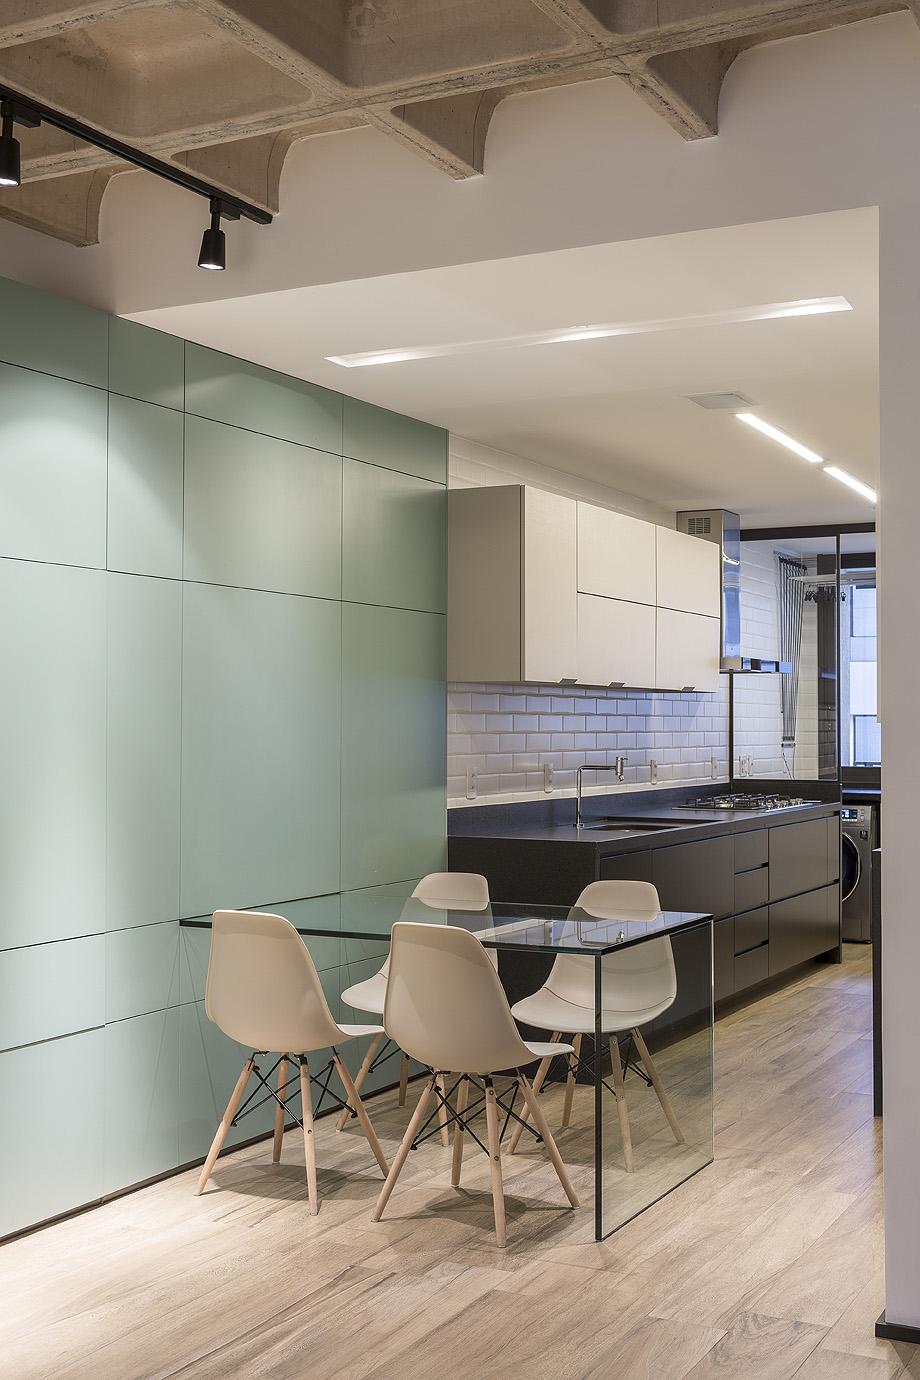 apartamento nw108 de coda arquitetos - foto joana frança (6)